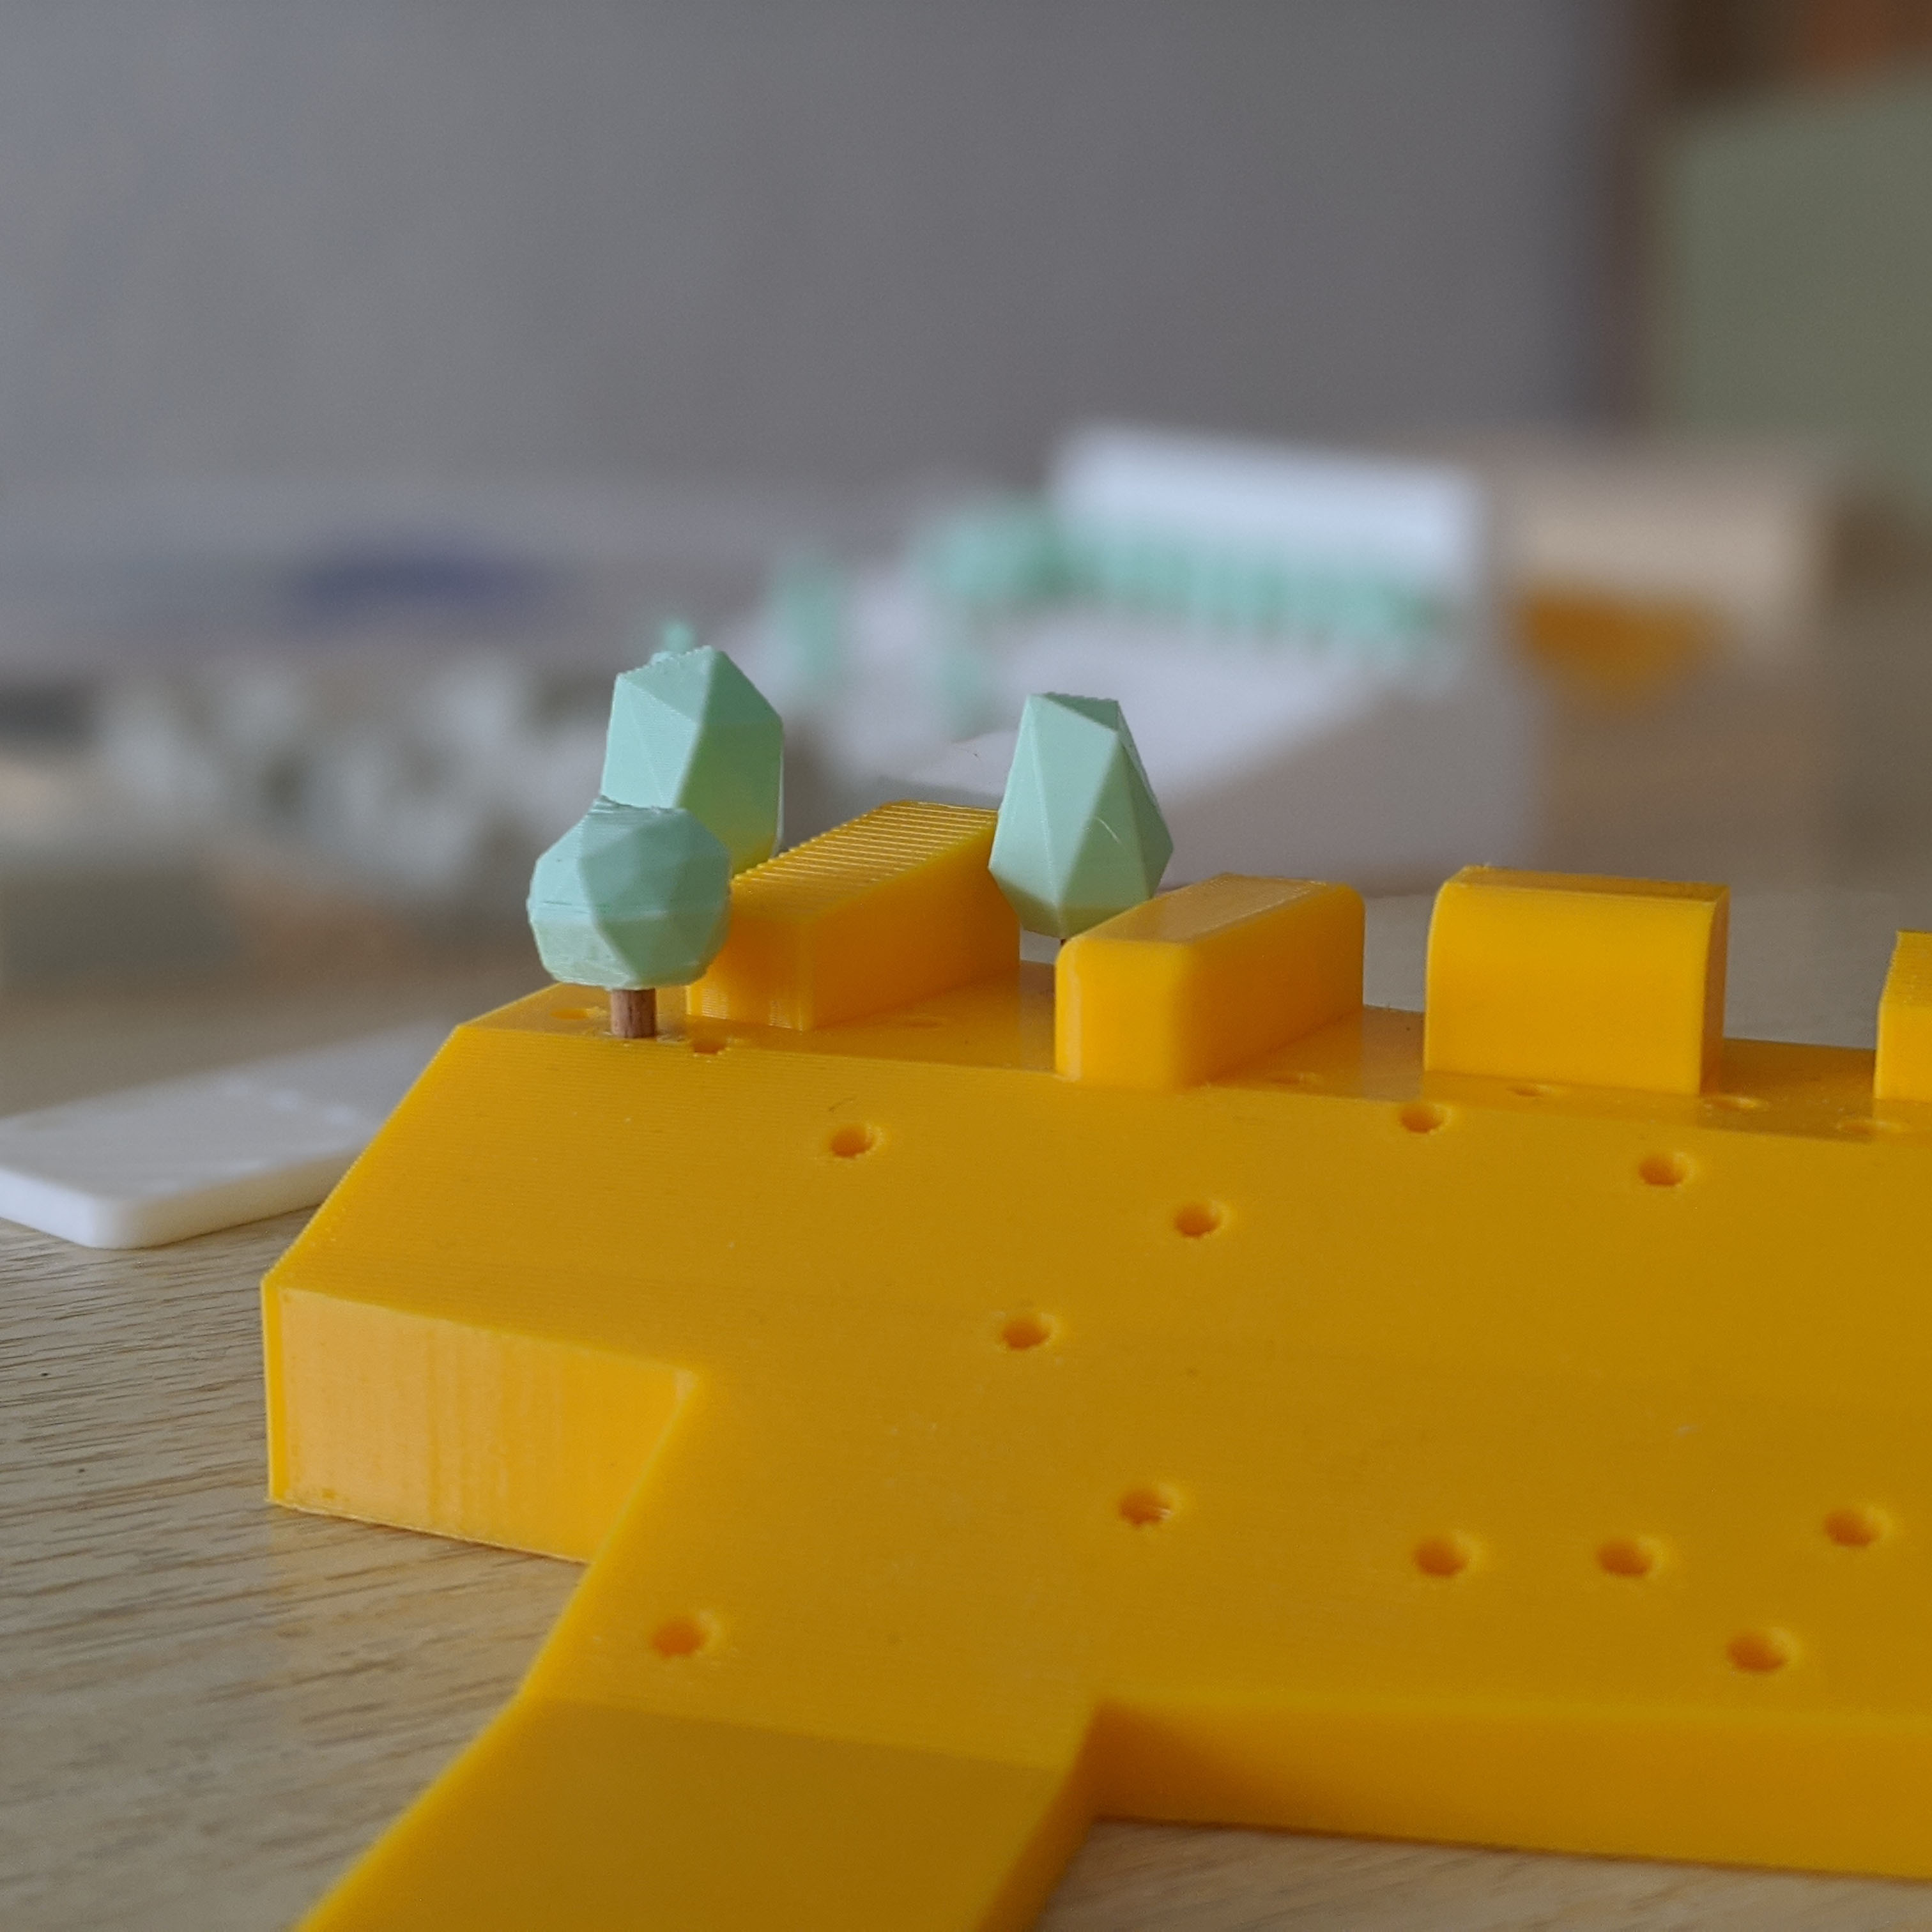 Maquette St Jacques – Prototype – 2020 06 04 – 2